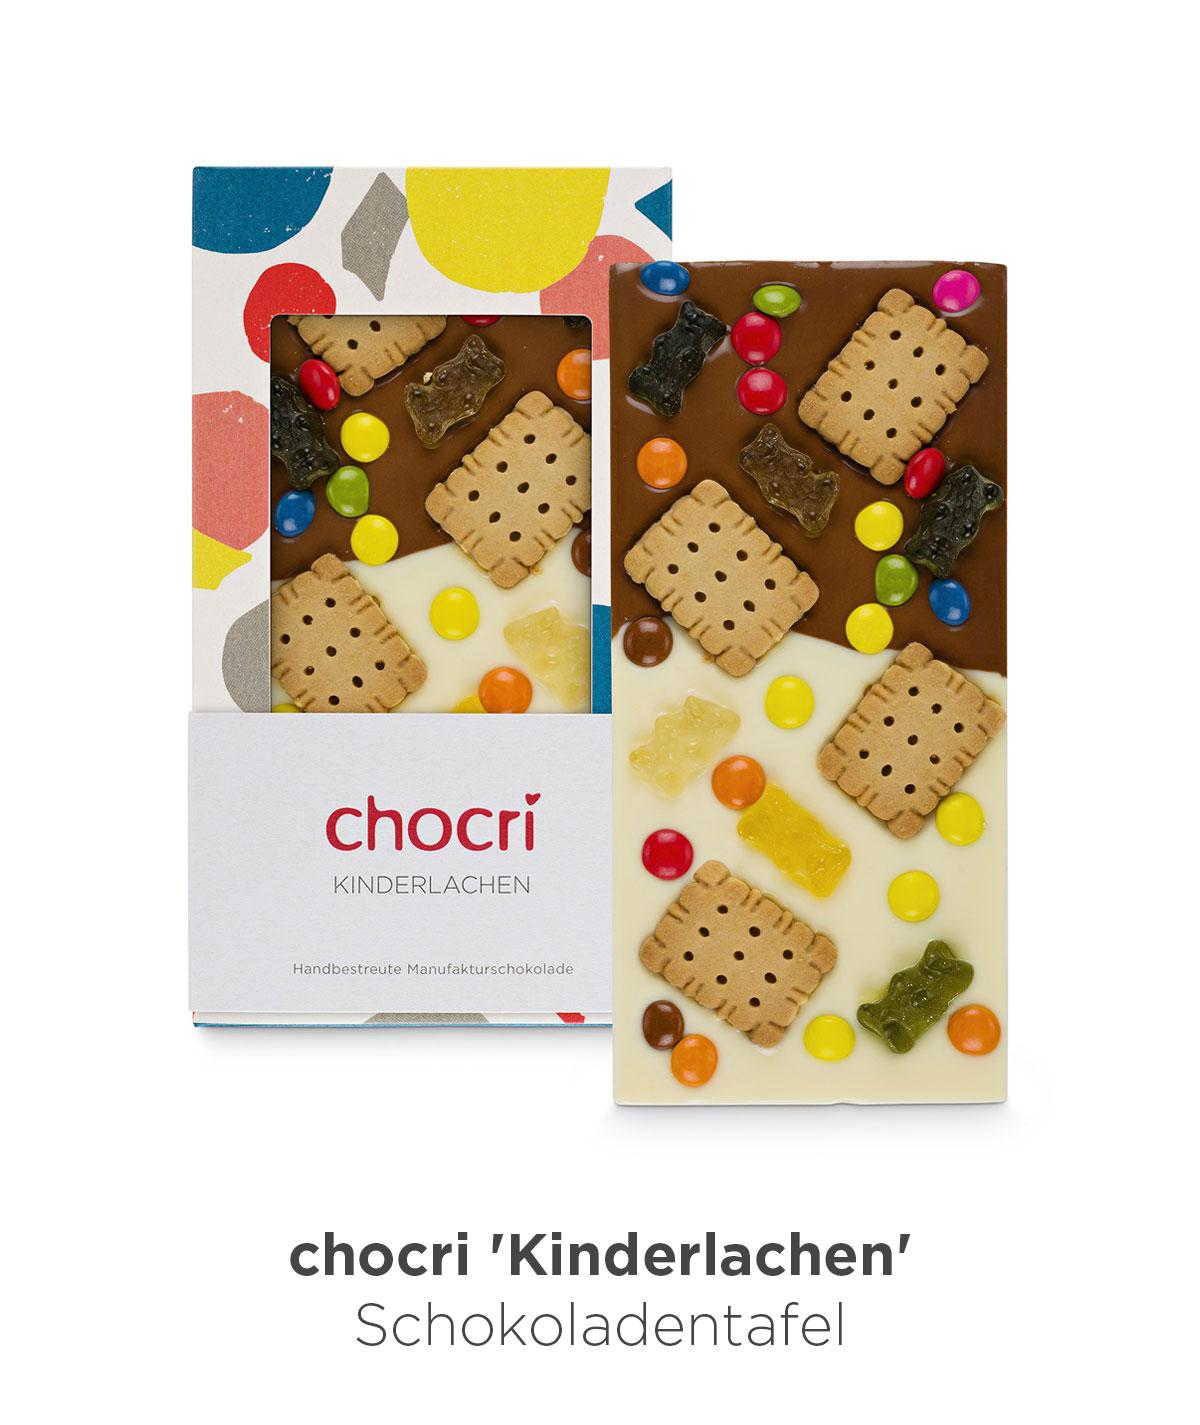 chocri 'Kinderlachen' Weiße Schokoladentafel über Vollmilchschokolade mit Schokolinsen, Butterkekse und Gummibärchen